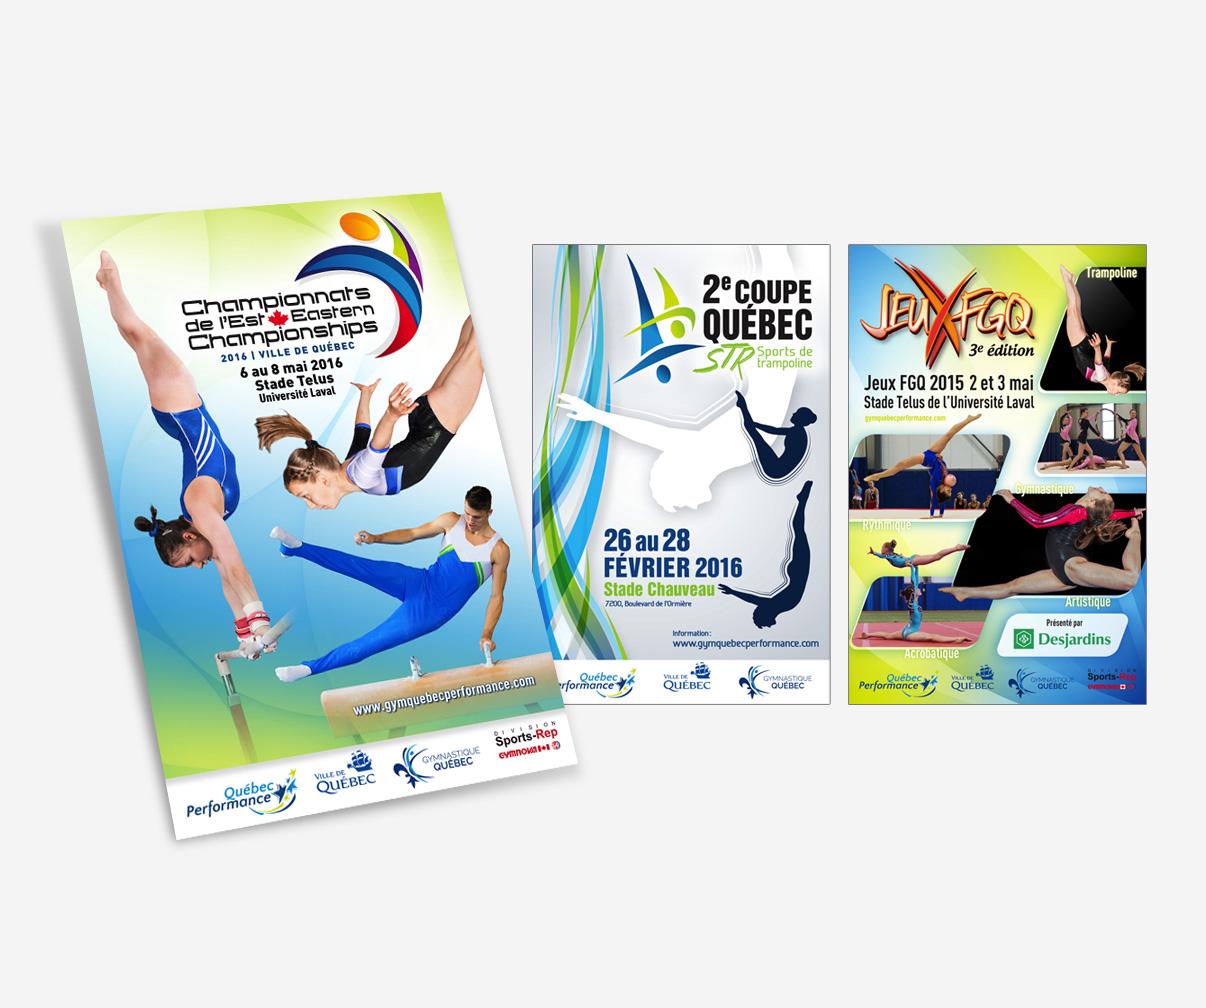 Club de gymnastique Québec Performance - Affiches événements